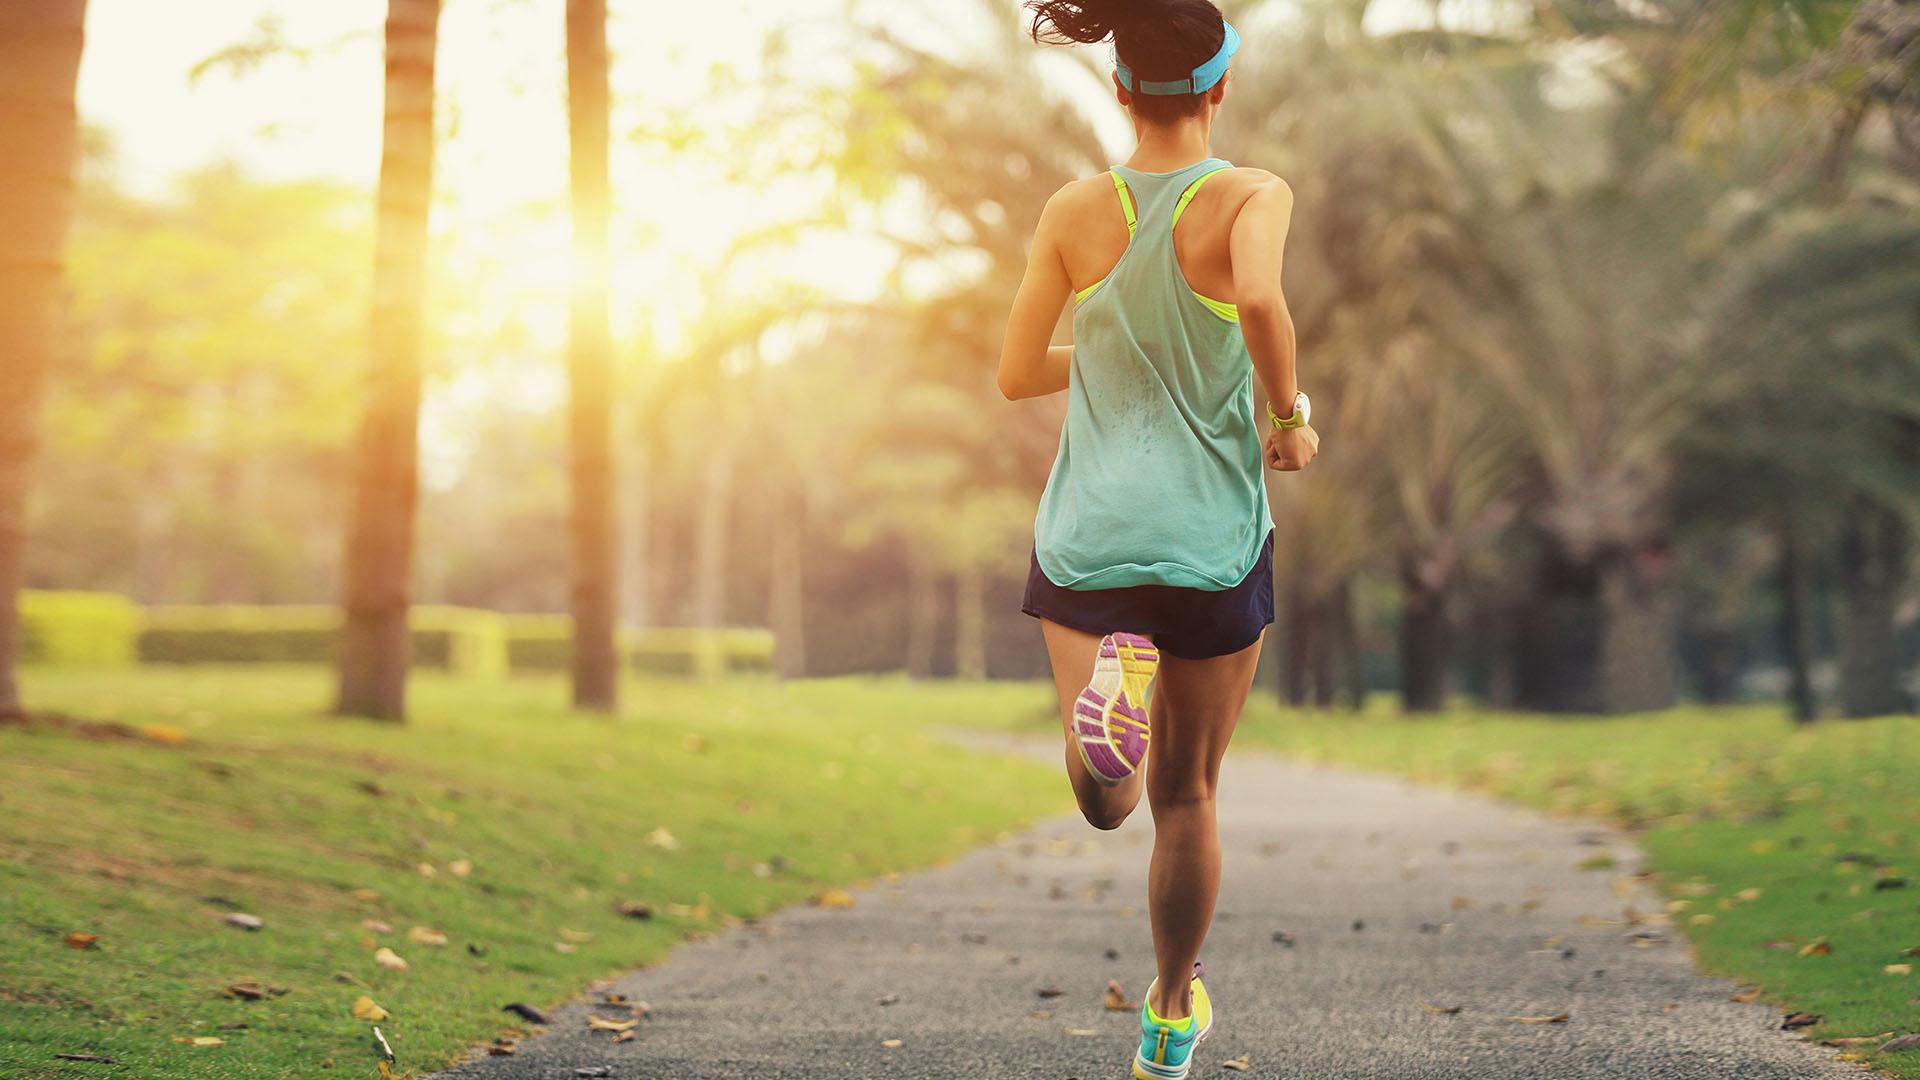 Se generaron dudas si se puede hacer actividad física al aire libre